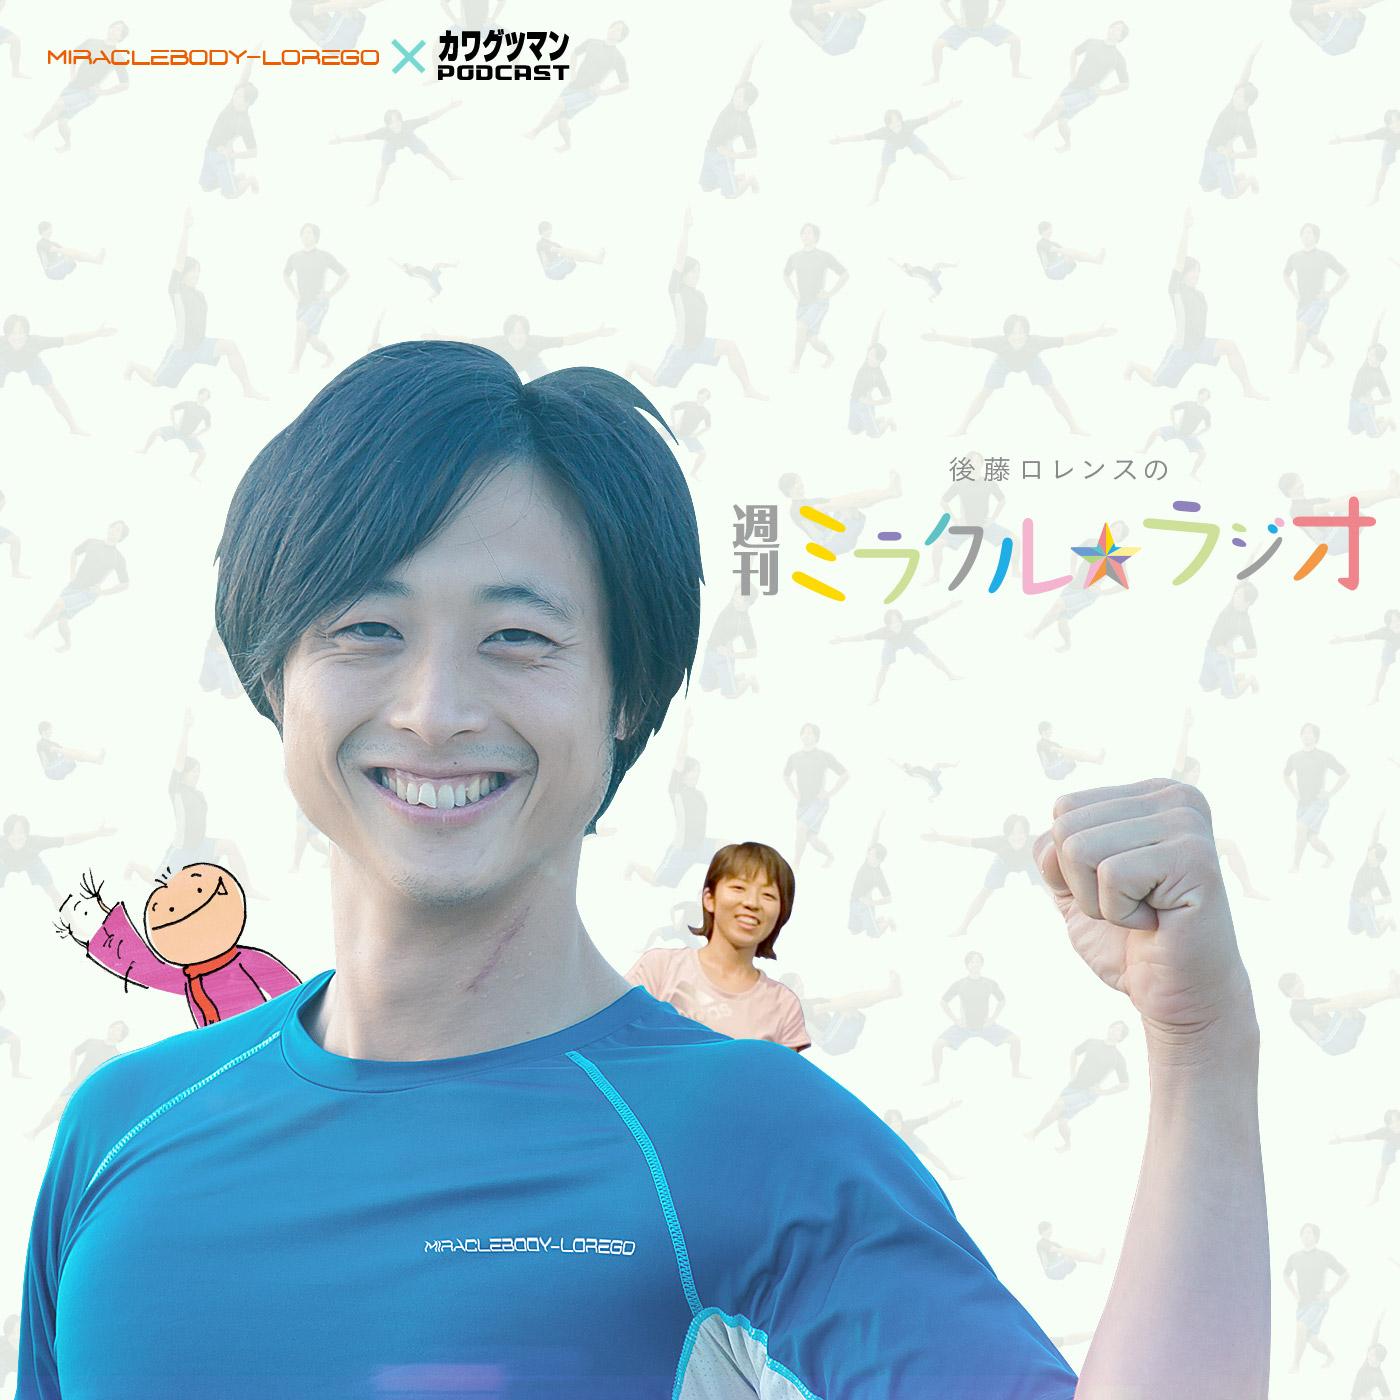 後藤ロレンスの週刊ミラクル★ラジオ